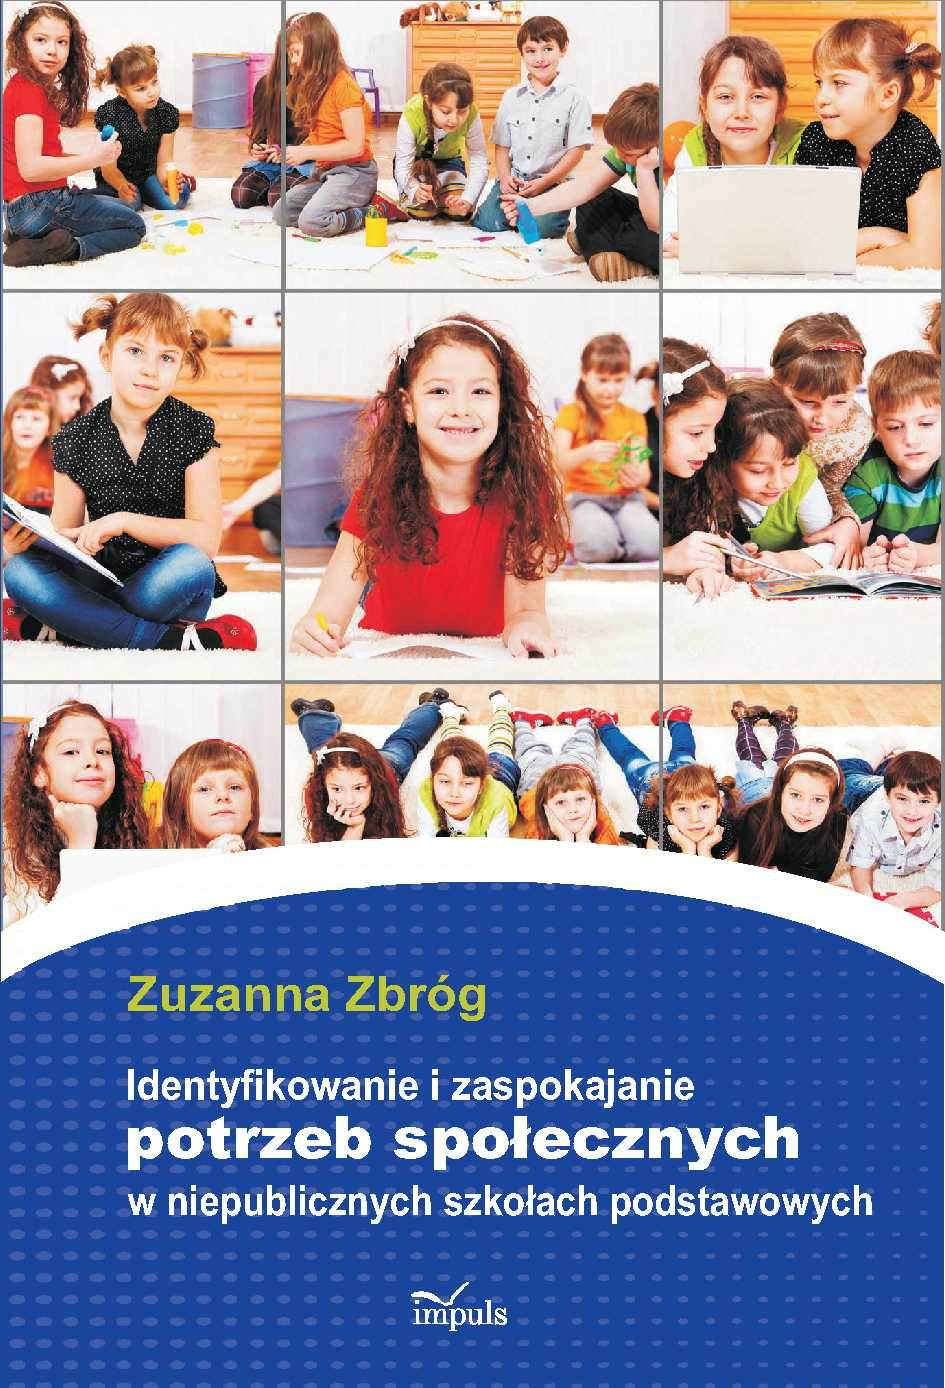 Identyfikowanie i zaspokajanie potrzeb społecznych w niepublicznych szkołach podstawowych - Ebook (Książka PDF) do pobrania w formacie PDF